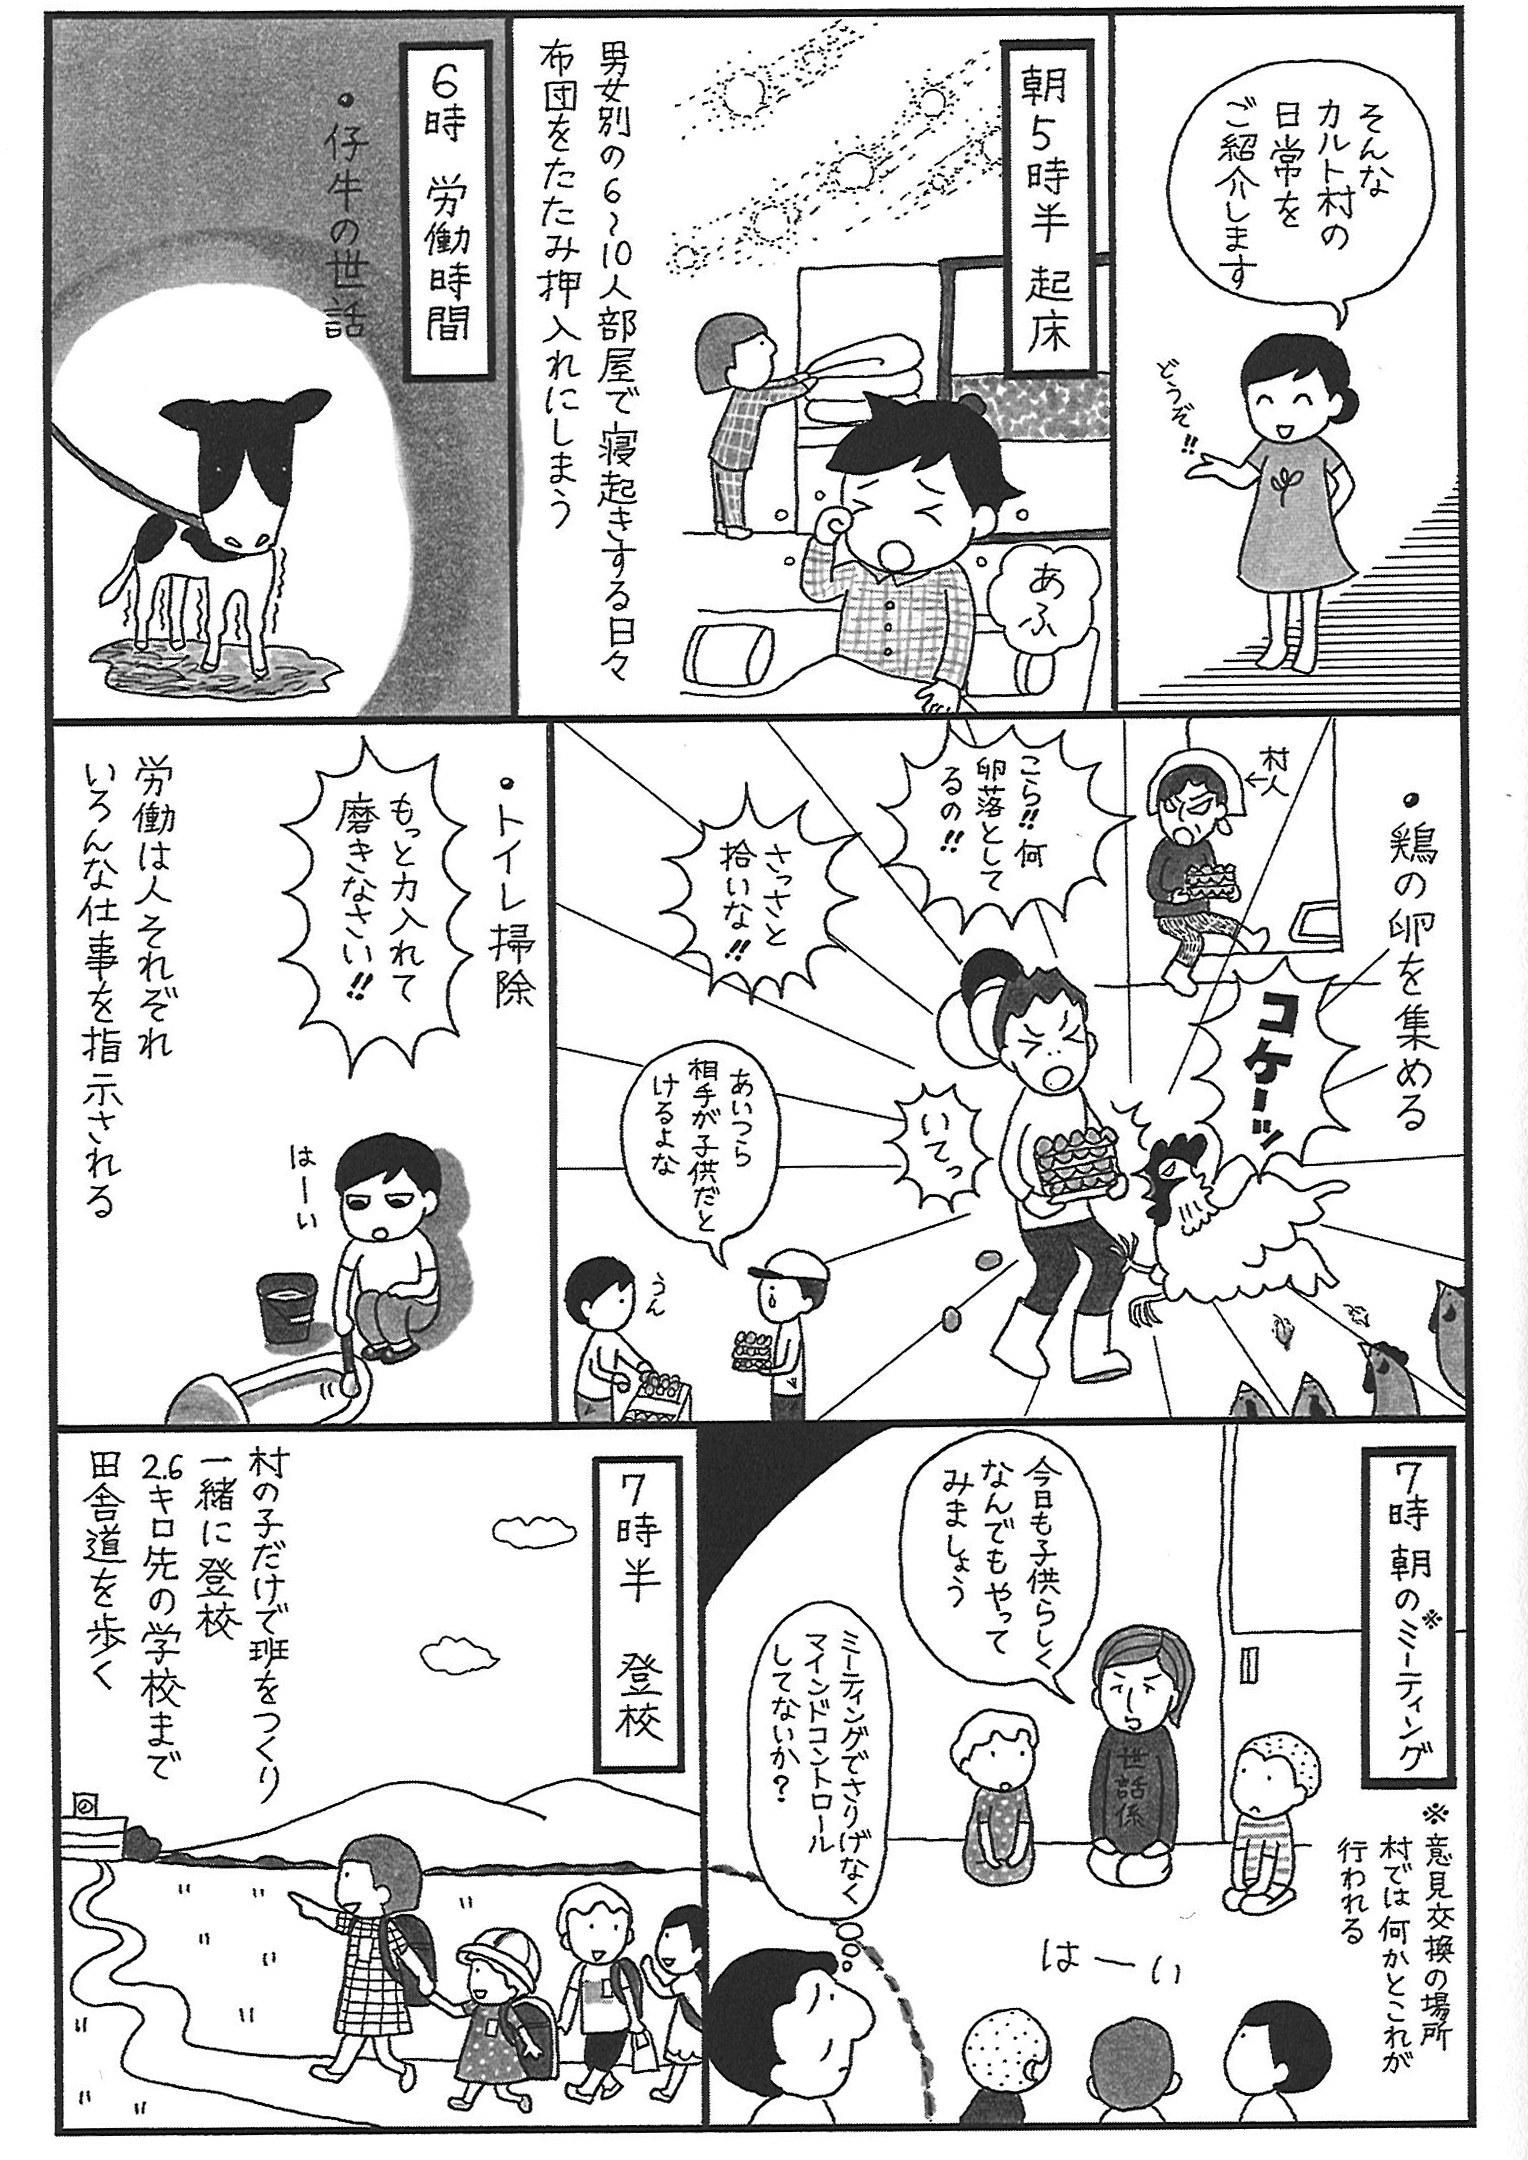 カルト 村 ヤマギシ 会 どこに ある 幸福会ヤマギシ会 - Wikipedia